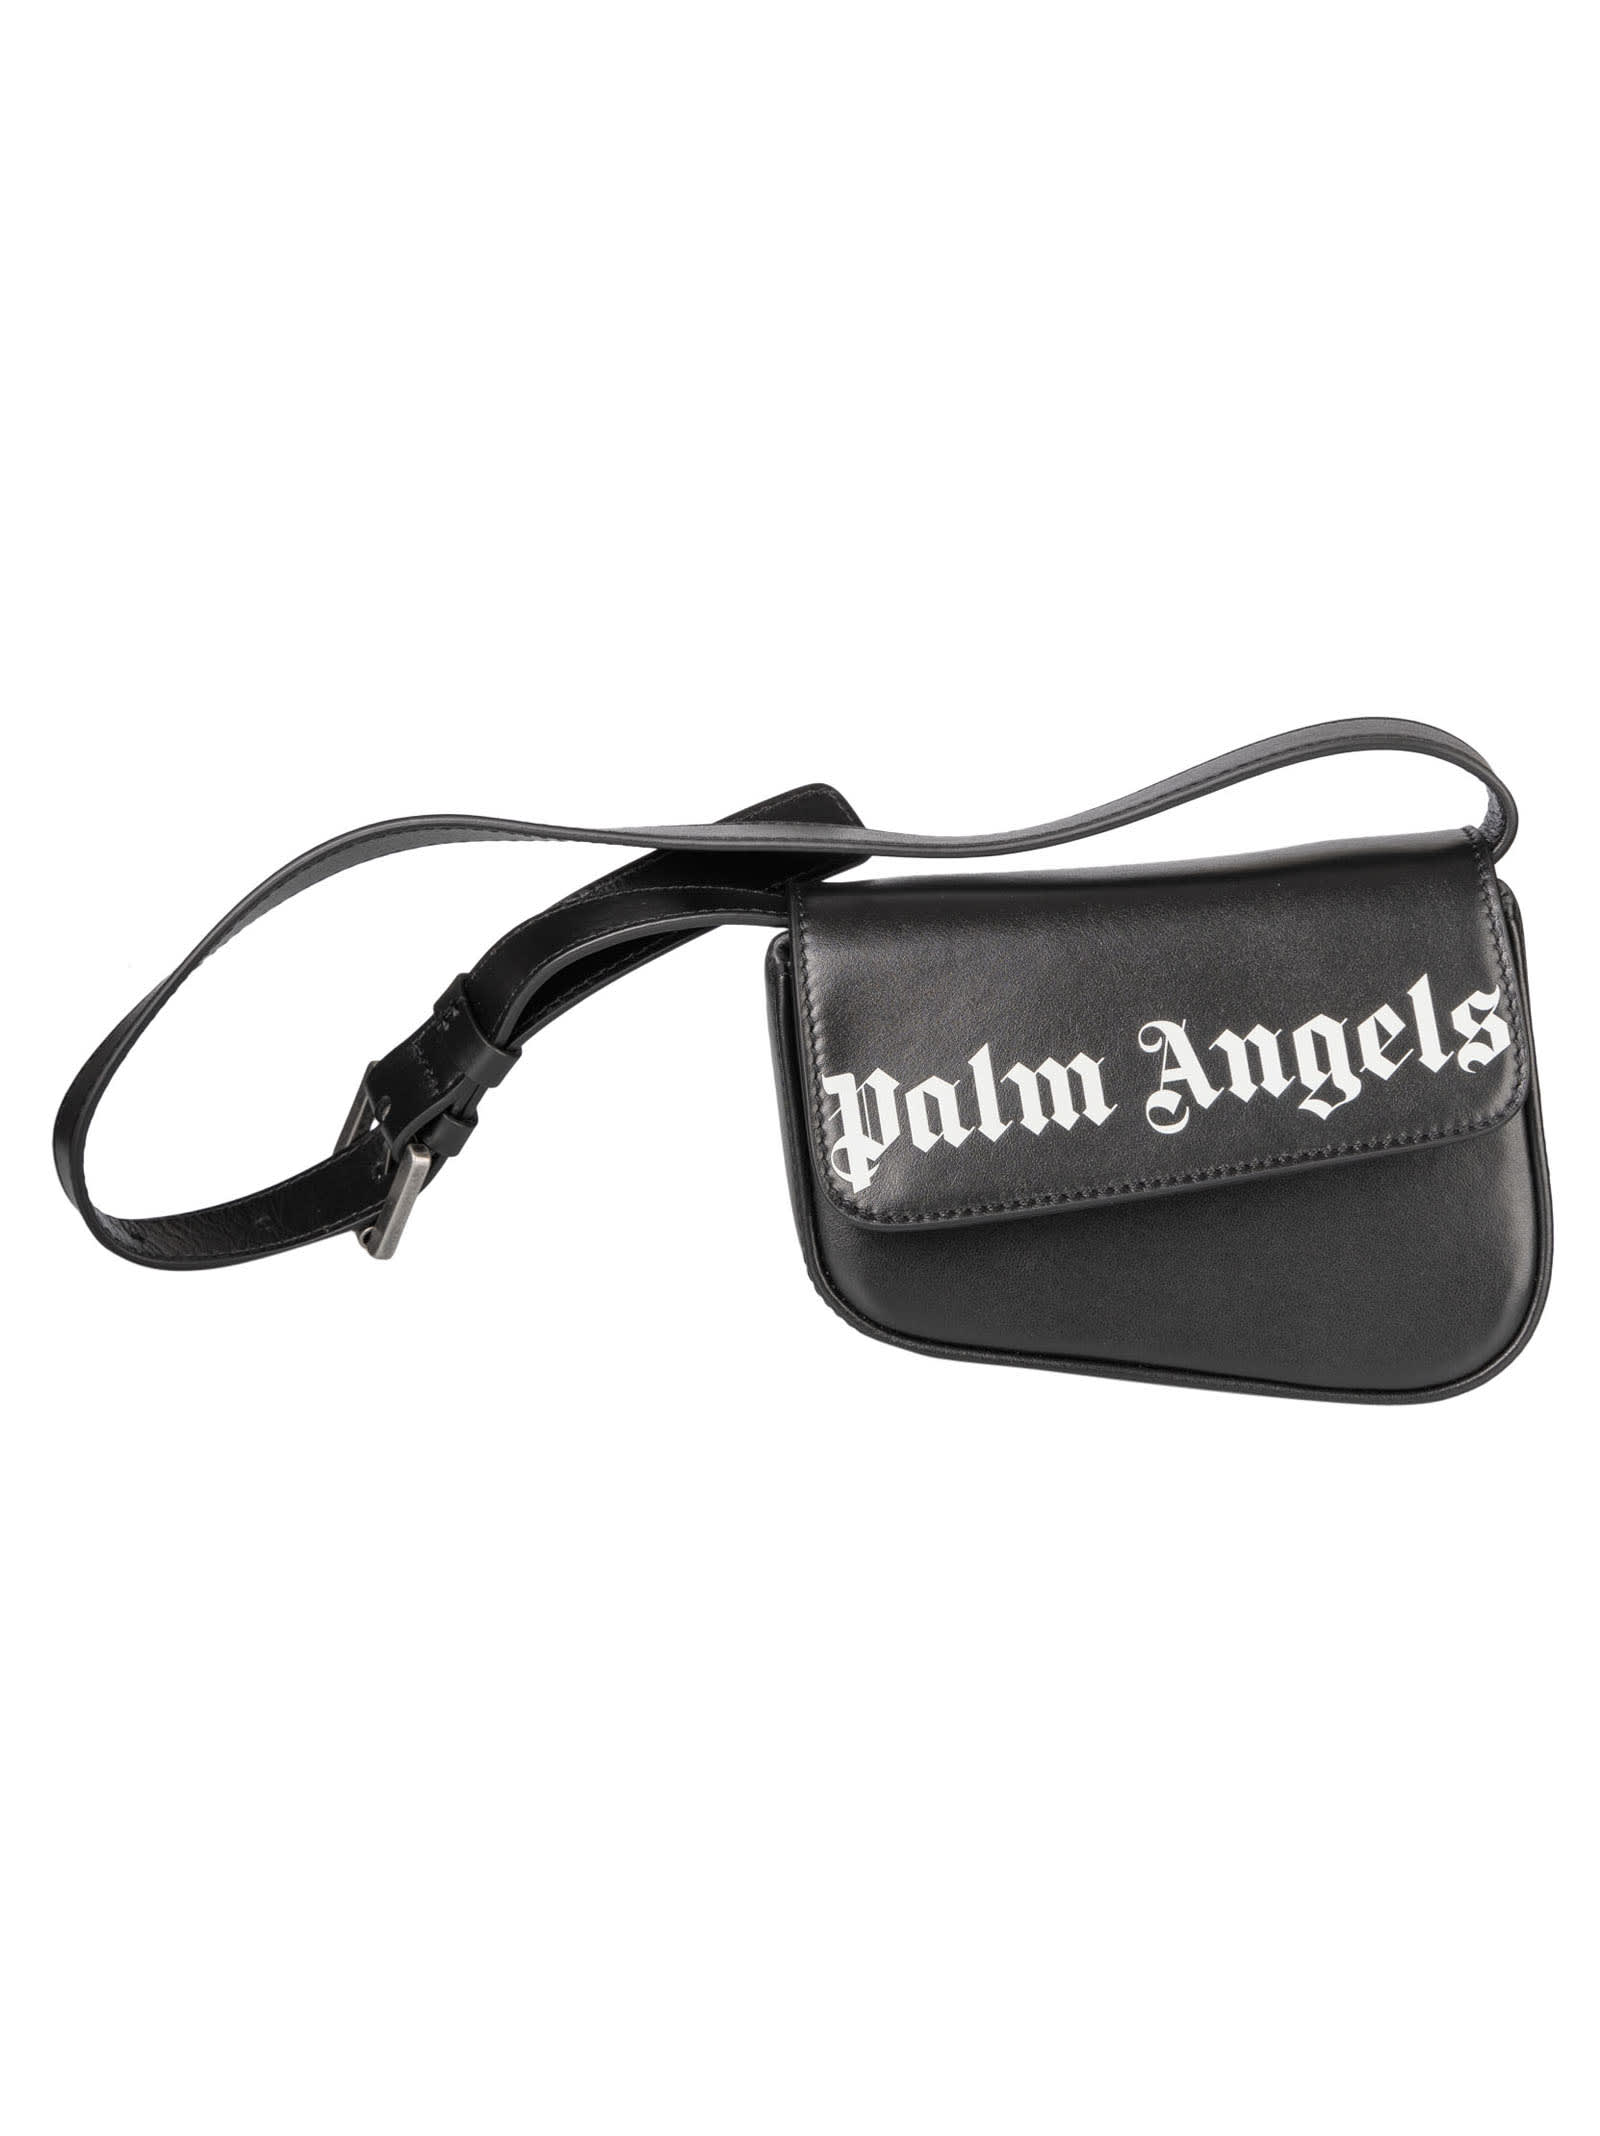 Palm Angels Crash Belt Bag In Black/white